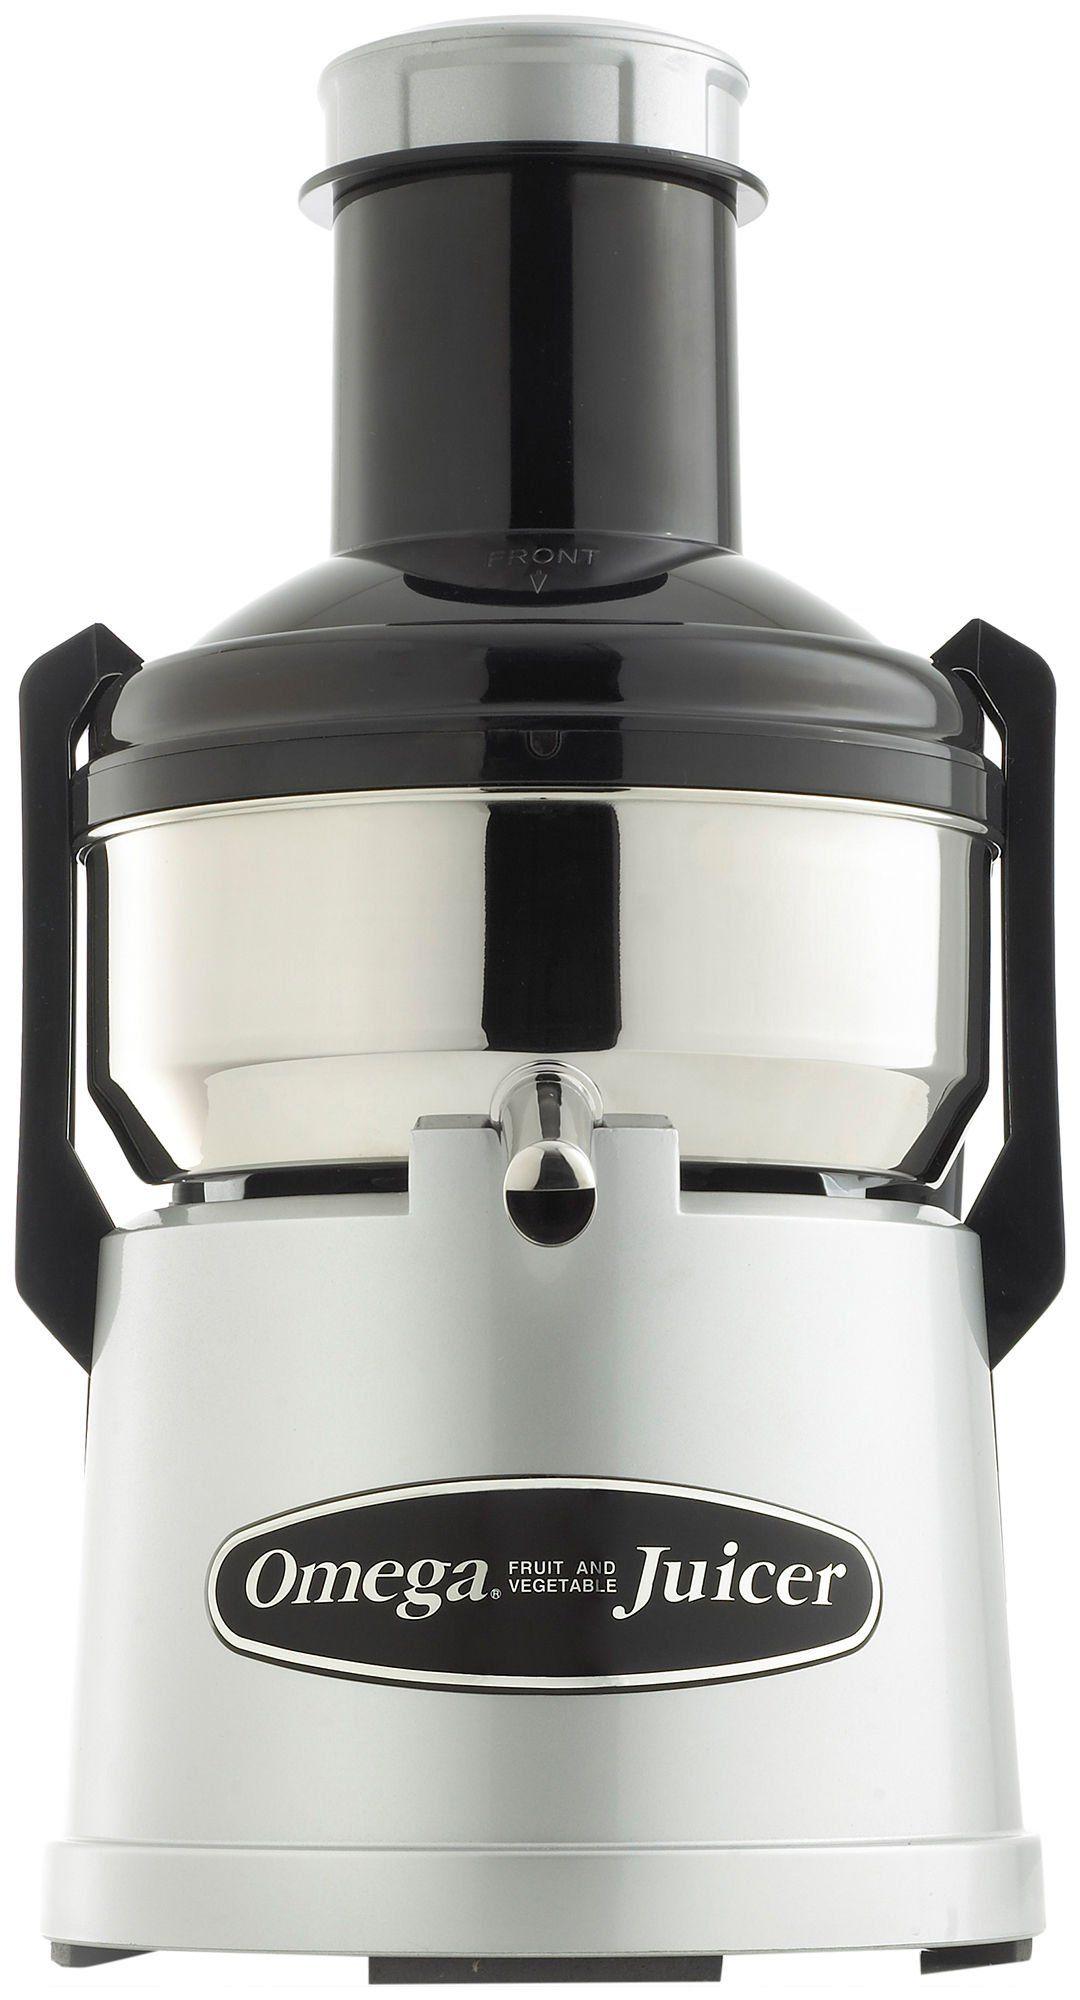 omega bmj330 commercial 350watt juicer - Omega Juicers